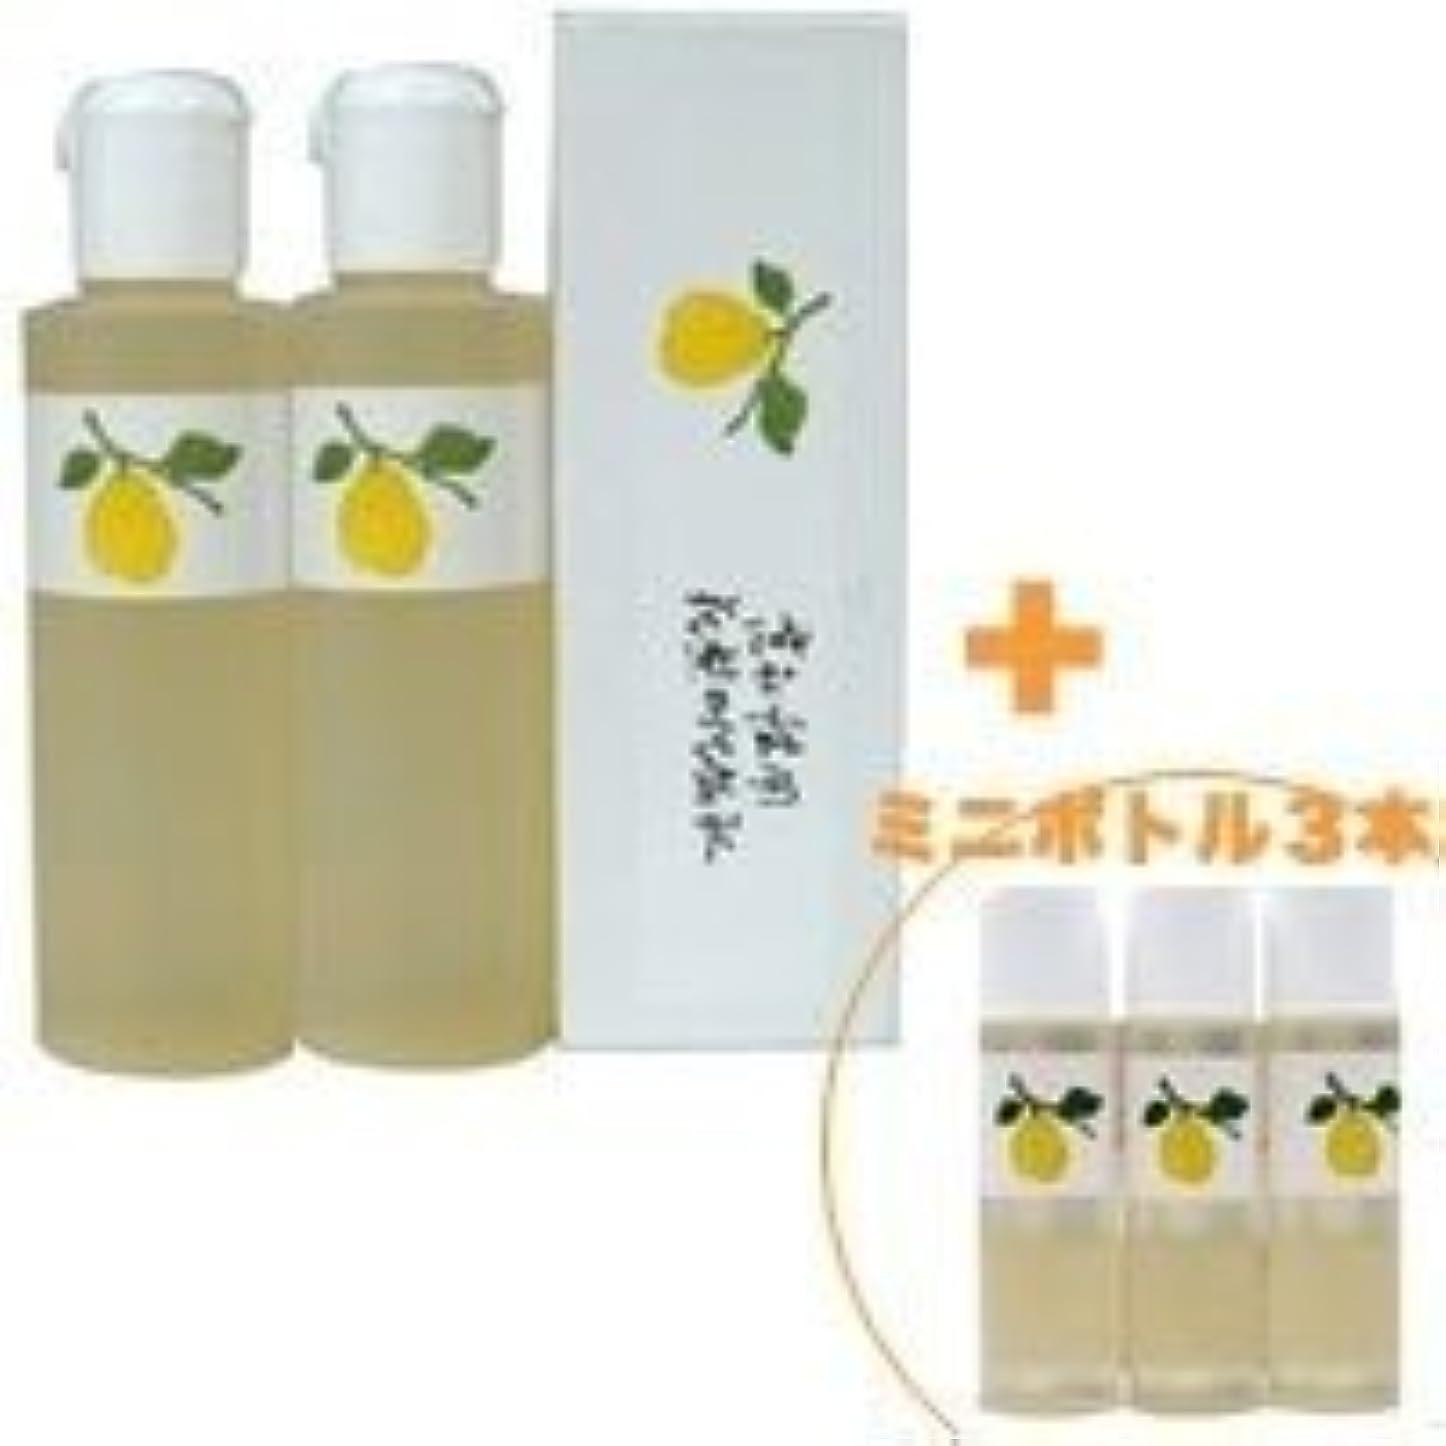 風景虫を数えるバーチャル花梨の化粧水 200ml 2本&ミニボトル 3本 美容液 栄養クリームのいらないお肌へ 保湿と乾燥対策に